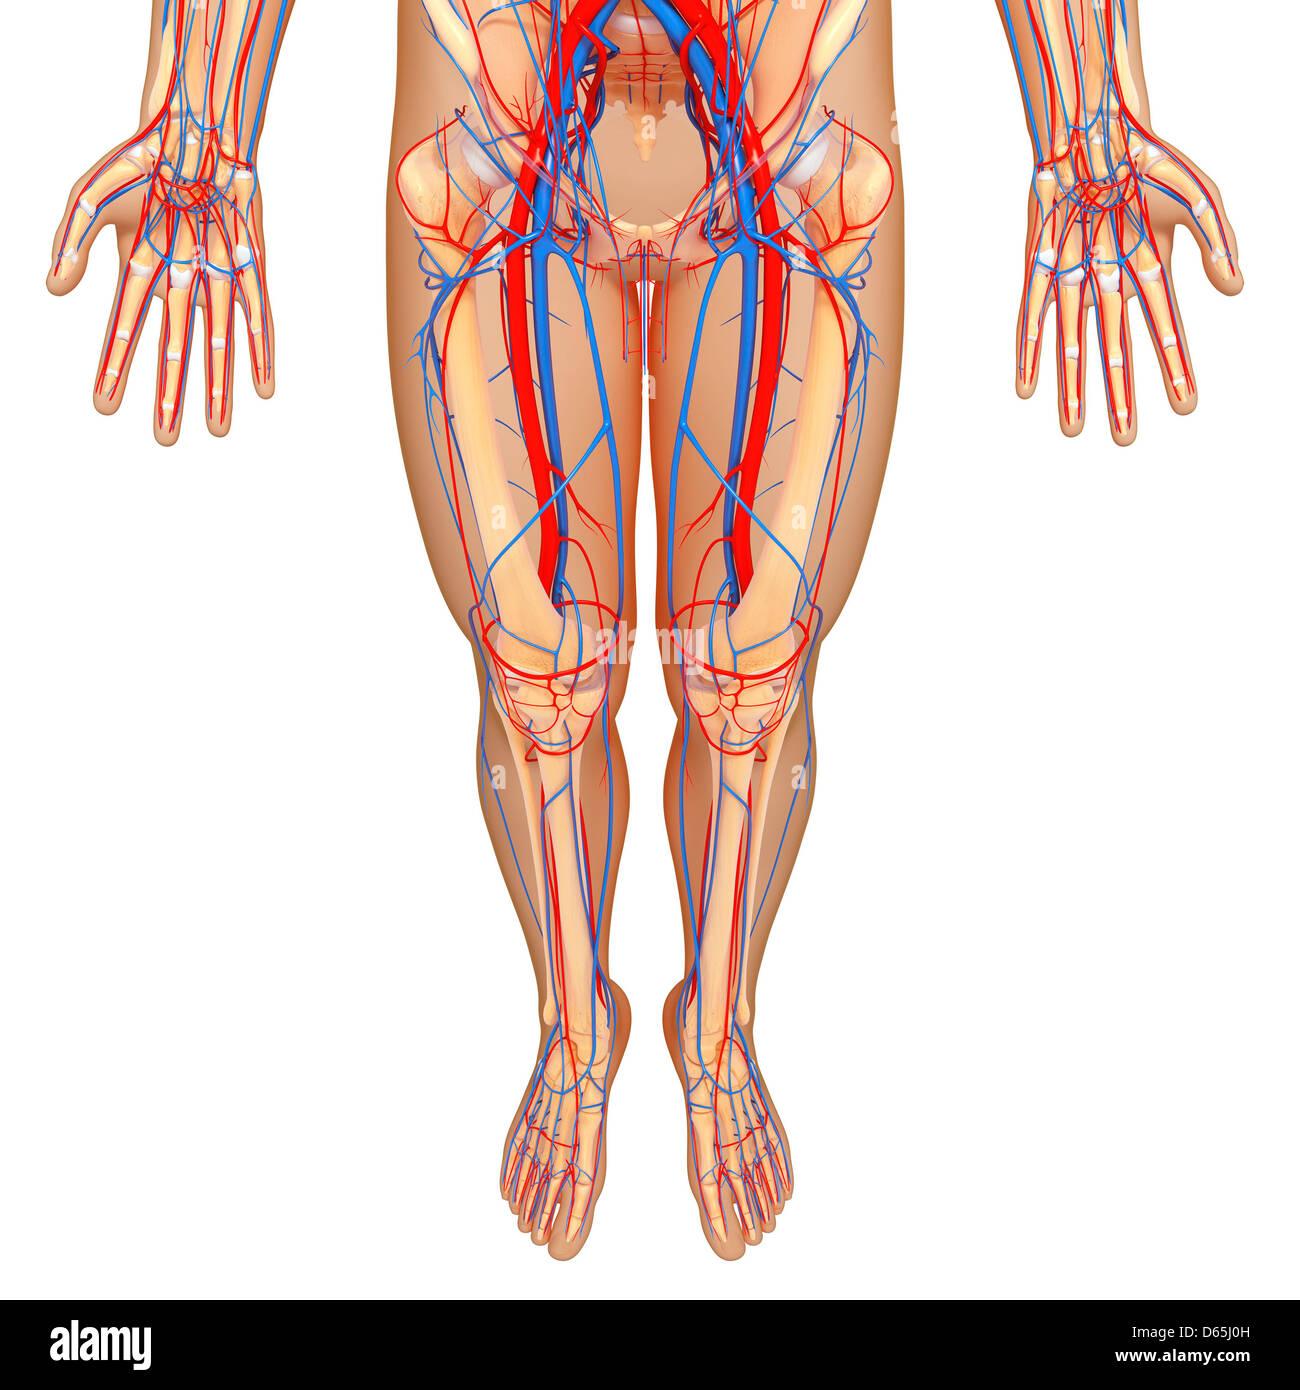 Unteren Körper Anatomie, artwork Stockfoto, Bild: 55442929 - Alamy